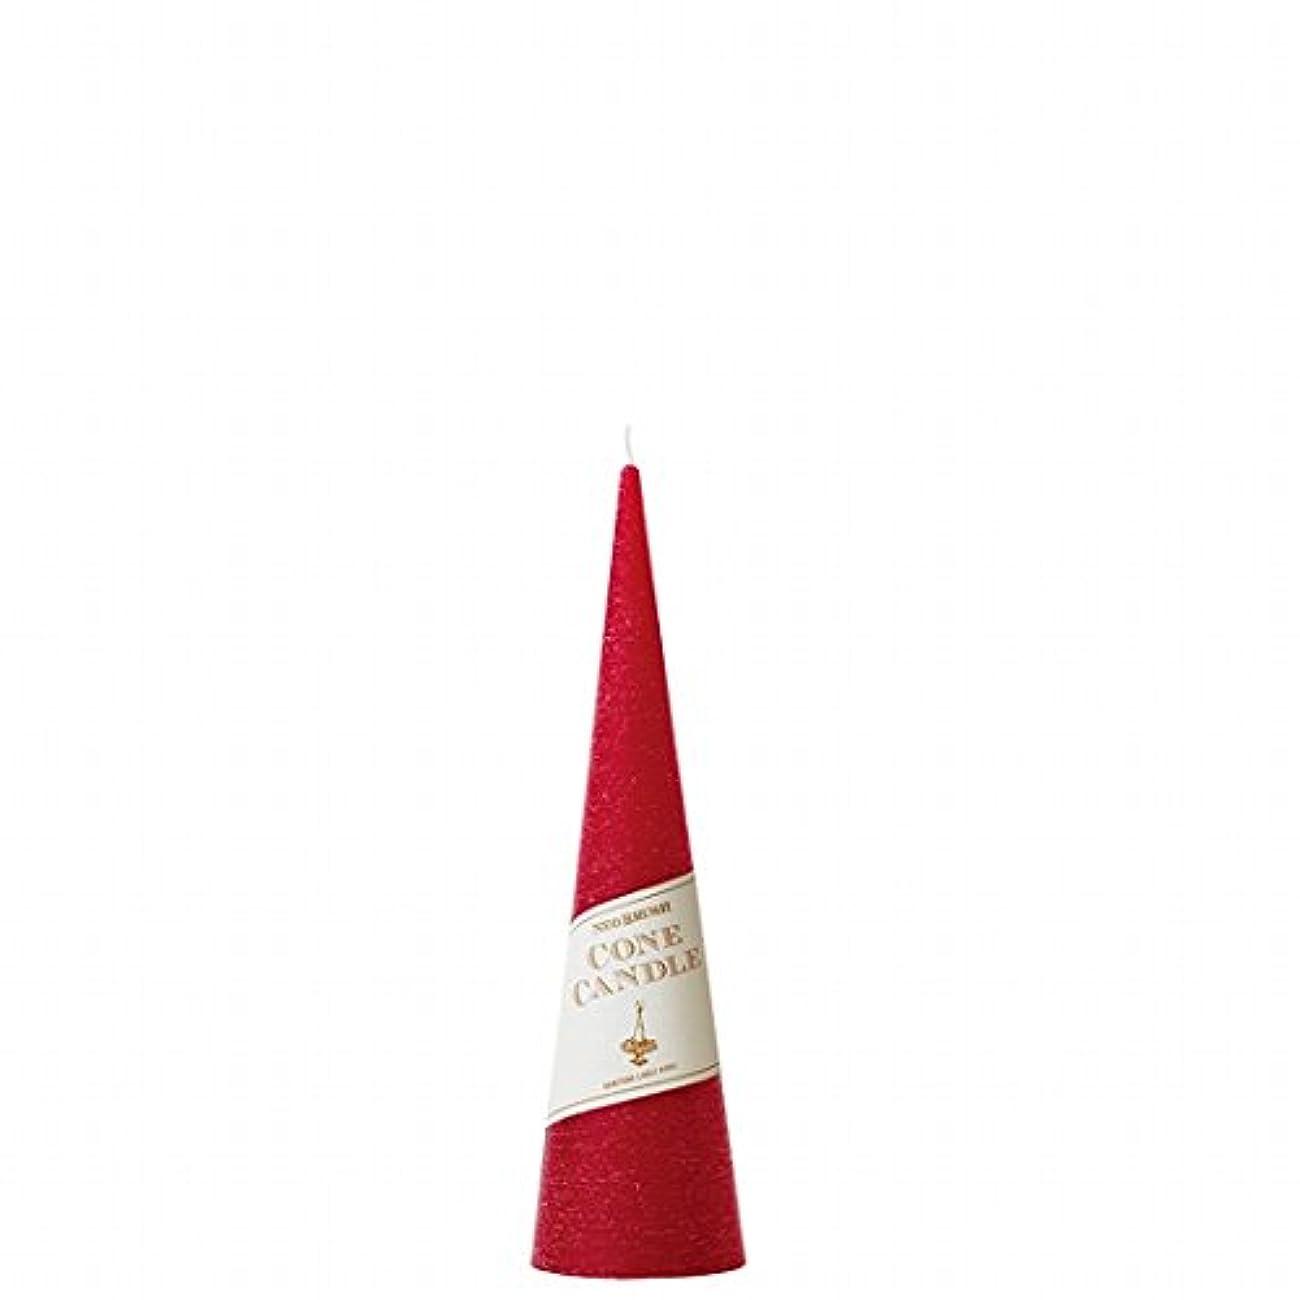 切り離すコウモリ消化器カメヤマキャンドル(kameyama candle) ネオブラッシュコーン 180 キャンドル 「 レッド 」